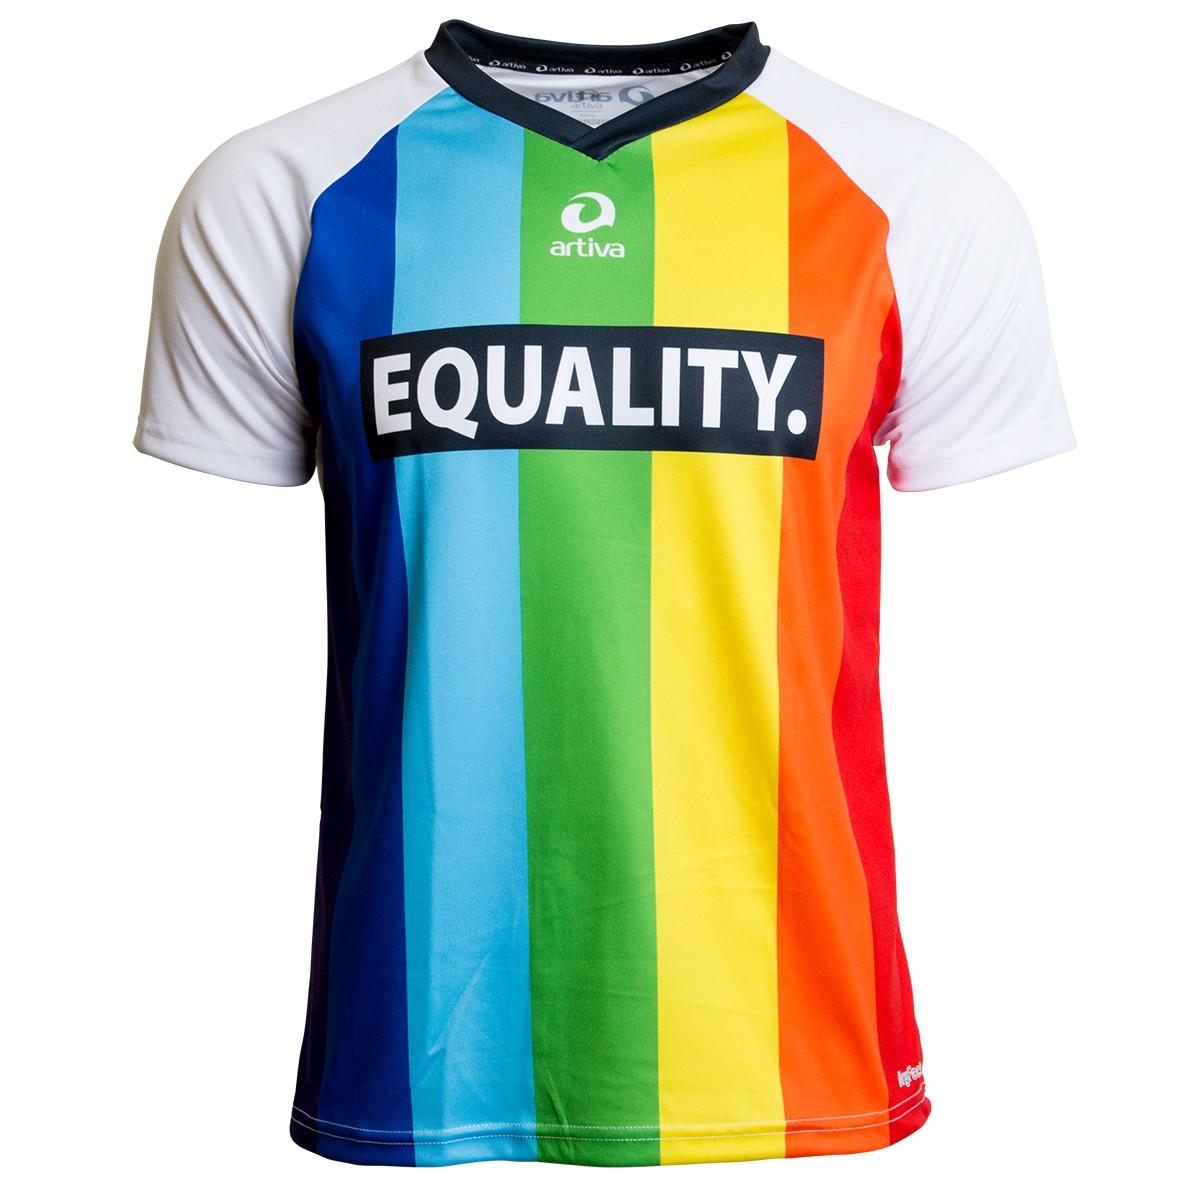 Regenbogenshirt Regenbogen Laufshirt Für Männer Equality Shirt